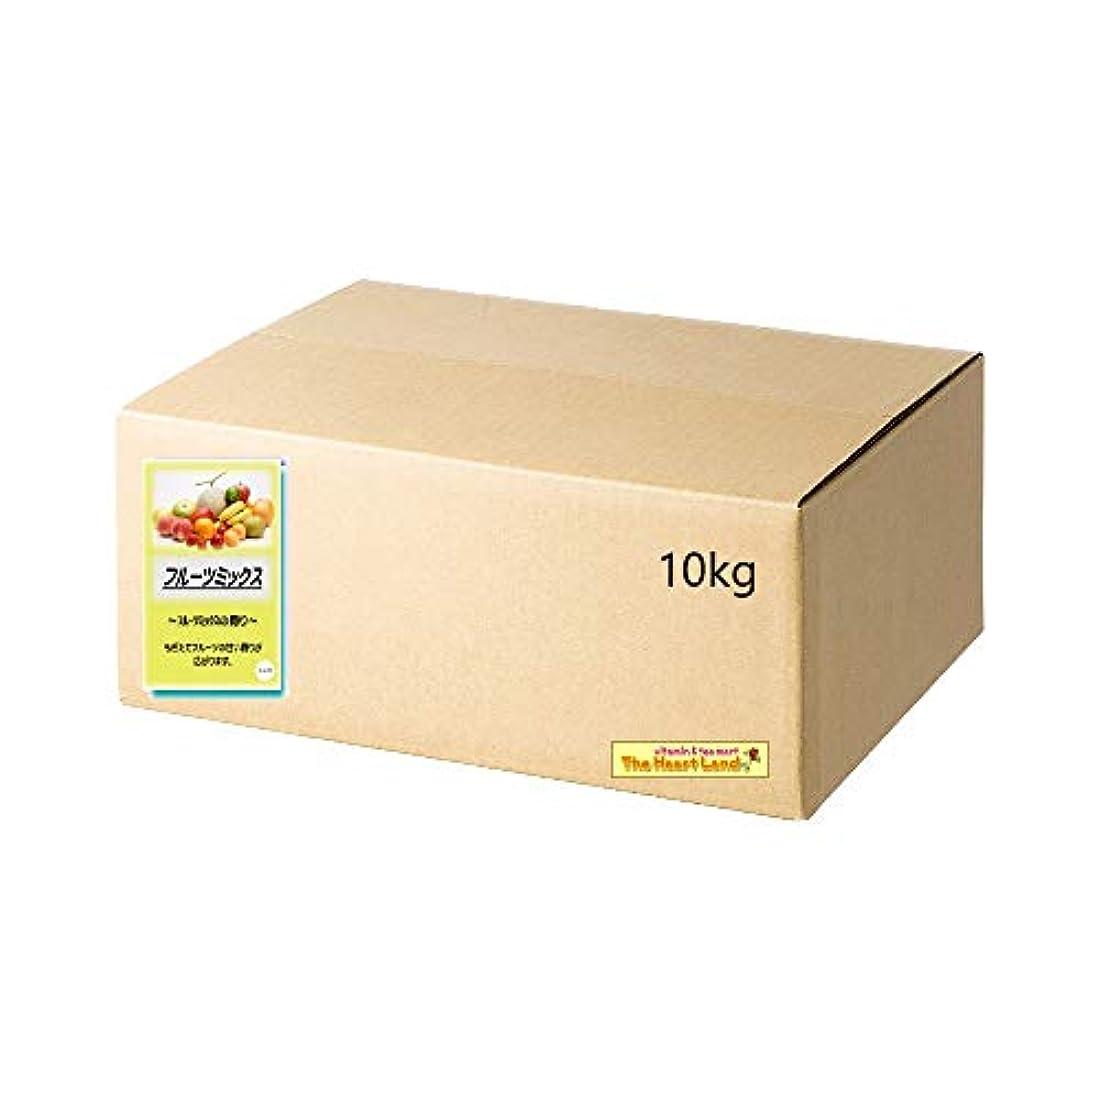 キノコ多年生スイングアサヒ入浴剤 浴用入浴化粧品 フルーツミックス 10kg